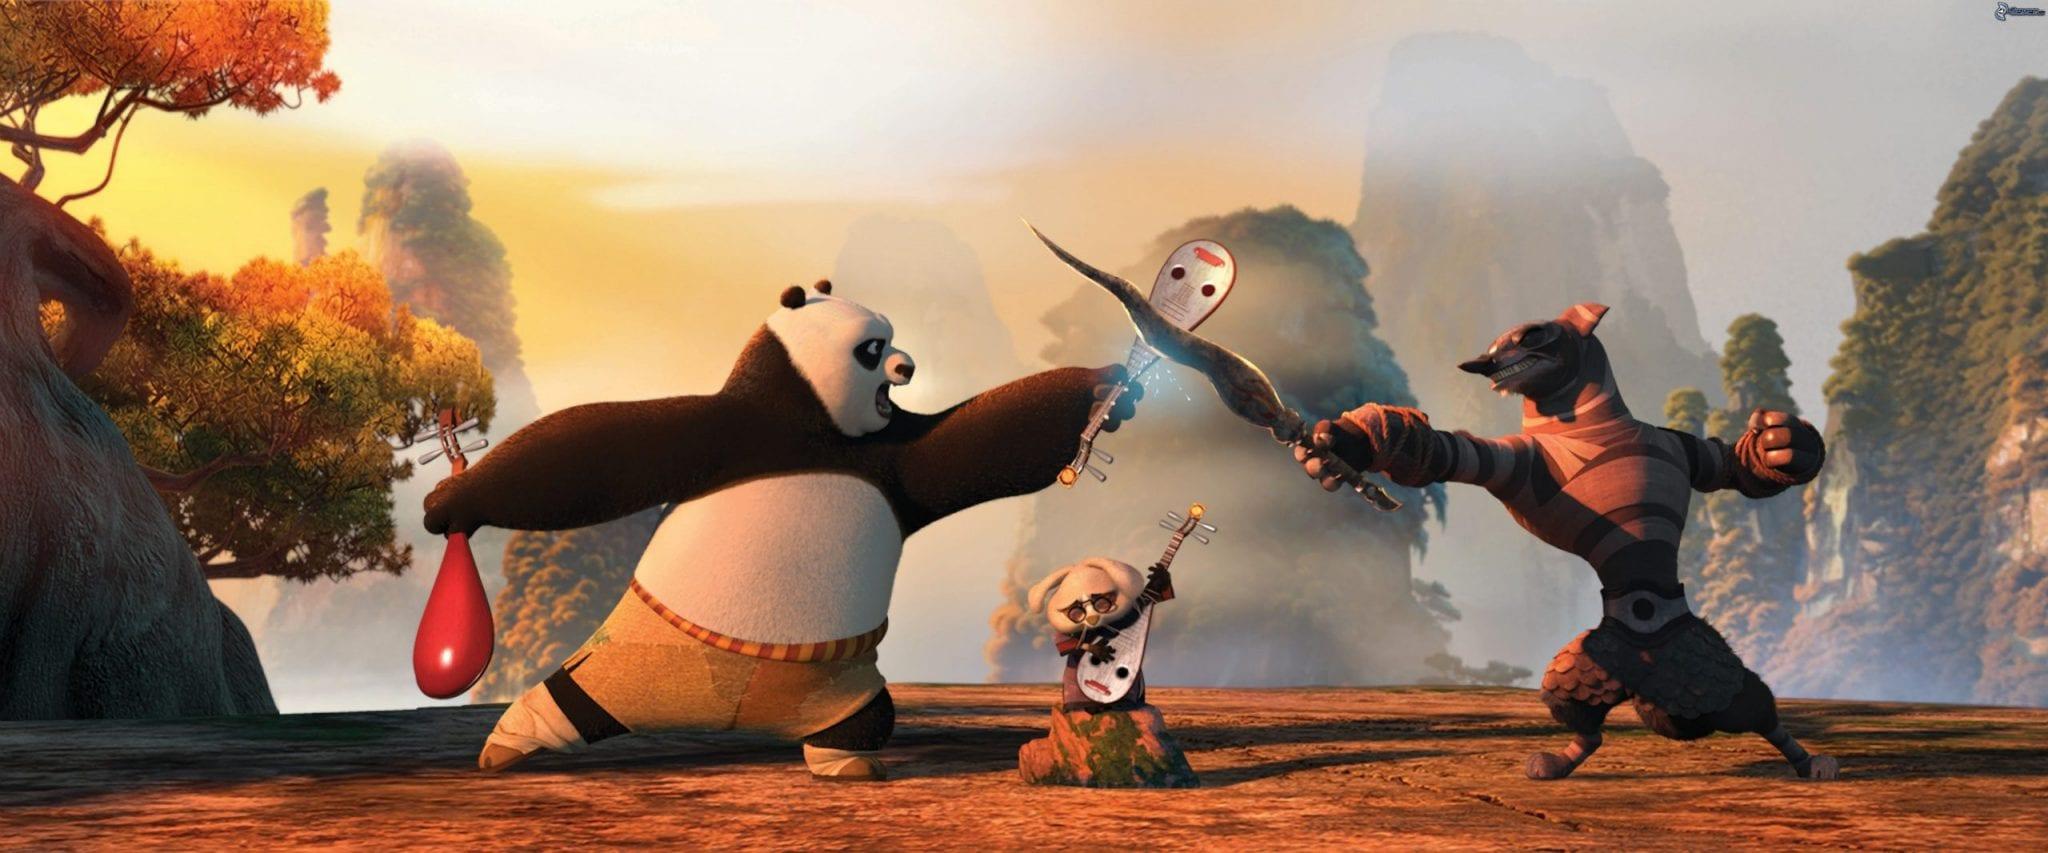 GuidaTV 16 Gennaio 2021 · C'è posta per te vs Affari Tuoi: Viva gli sposi!, Il tabaccaio di Vienna, Eden un pianeta da salvare, Kung Fu Panda 2, The Gunman